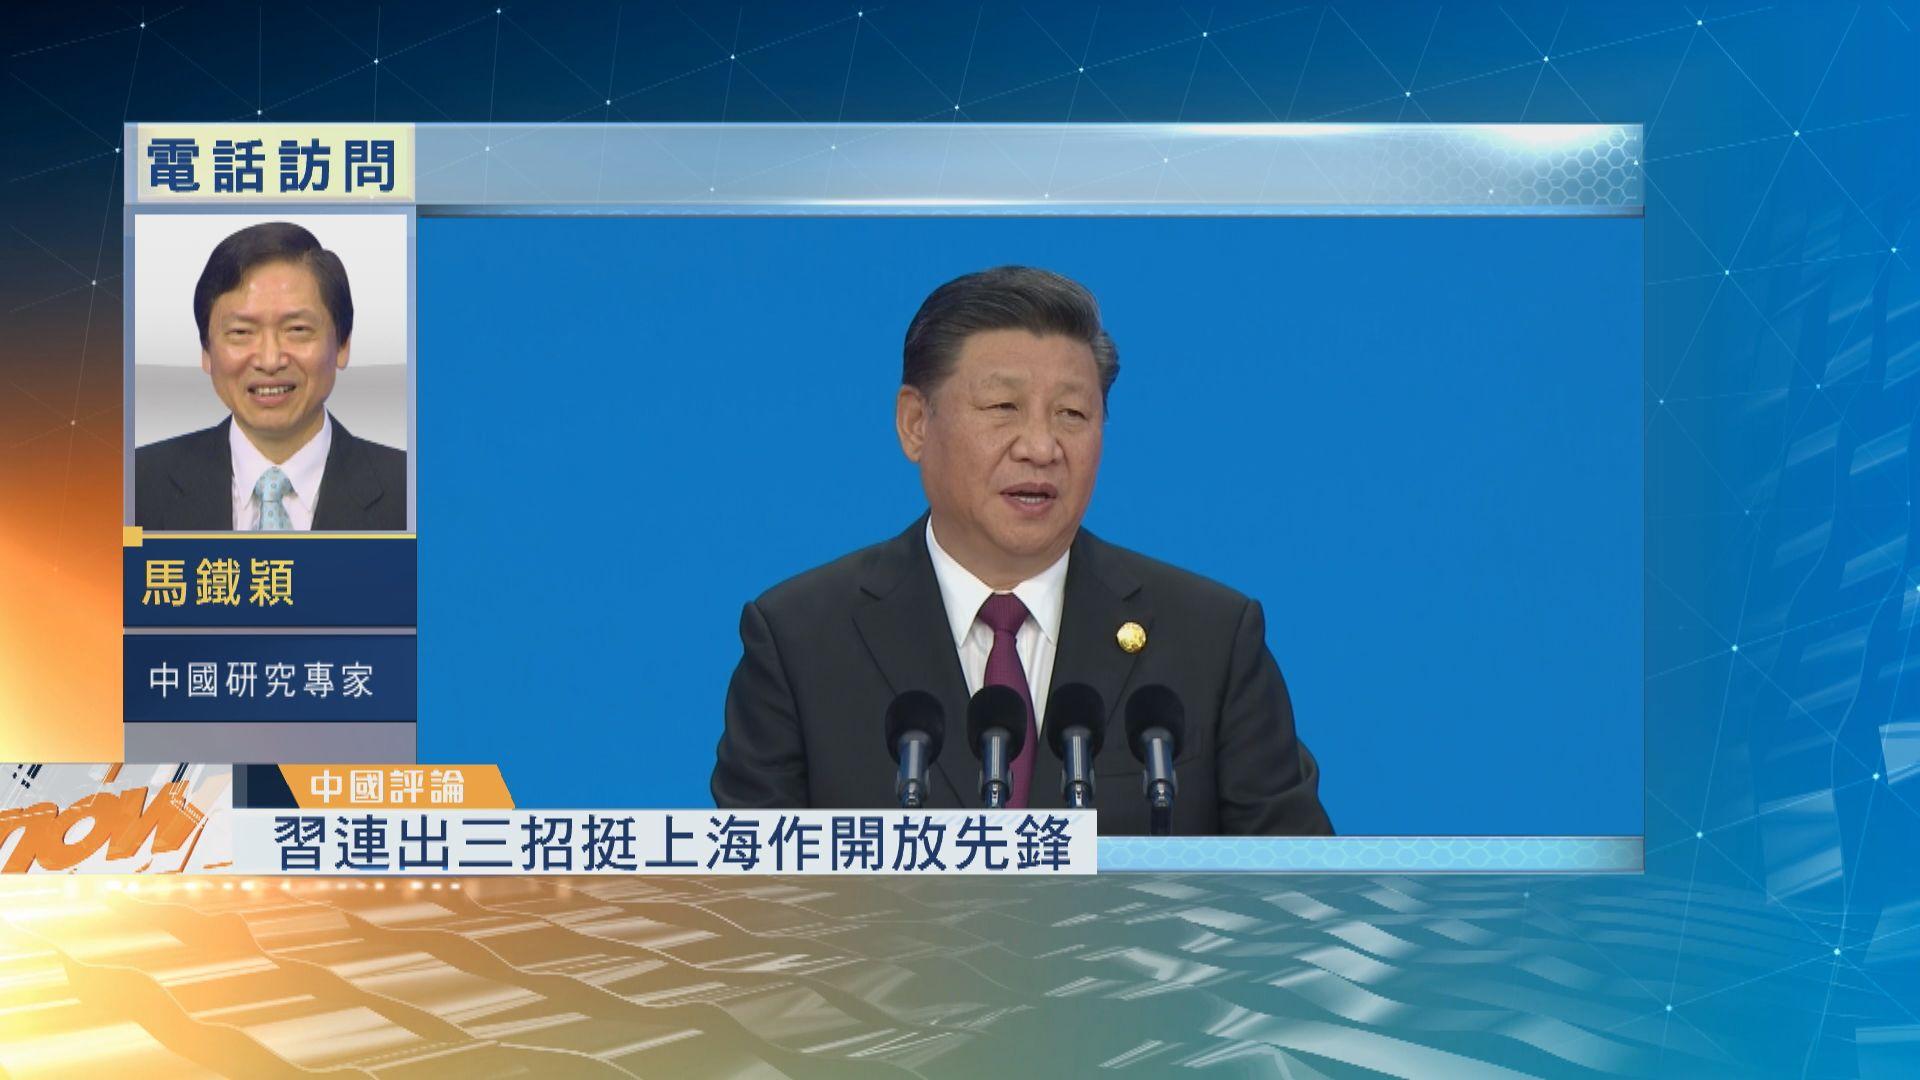 【中國評論】習連出三招挺上海作開放先鋒